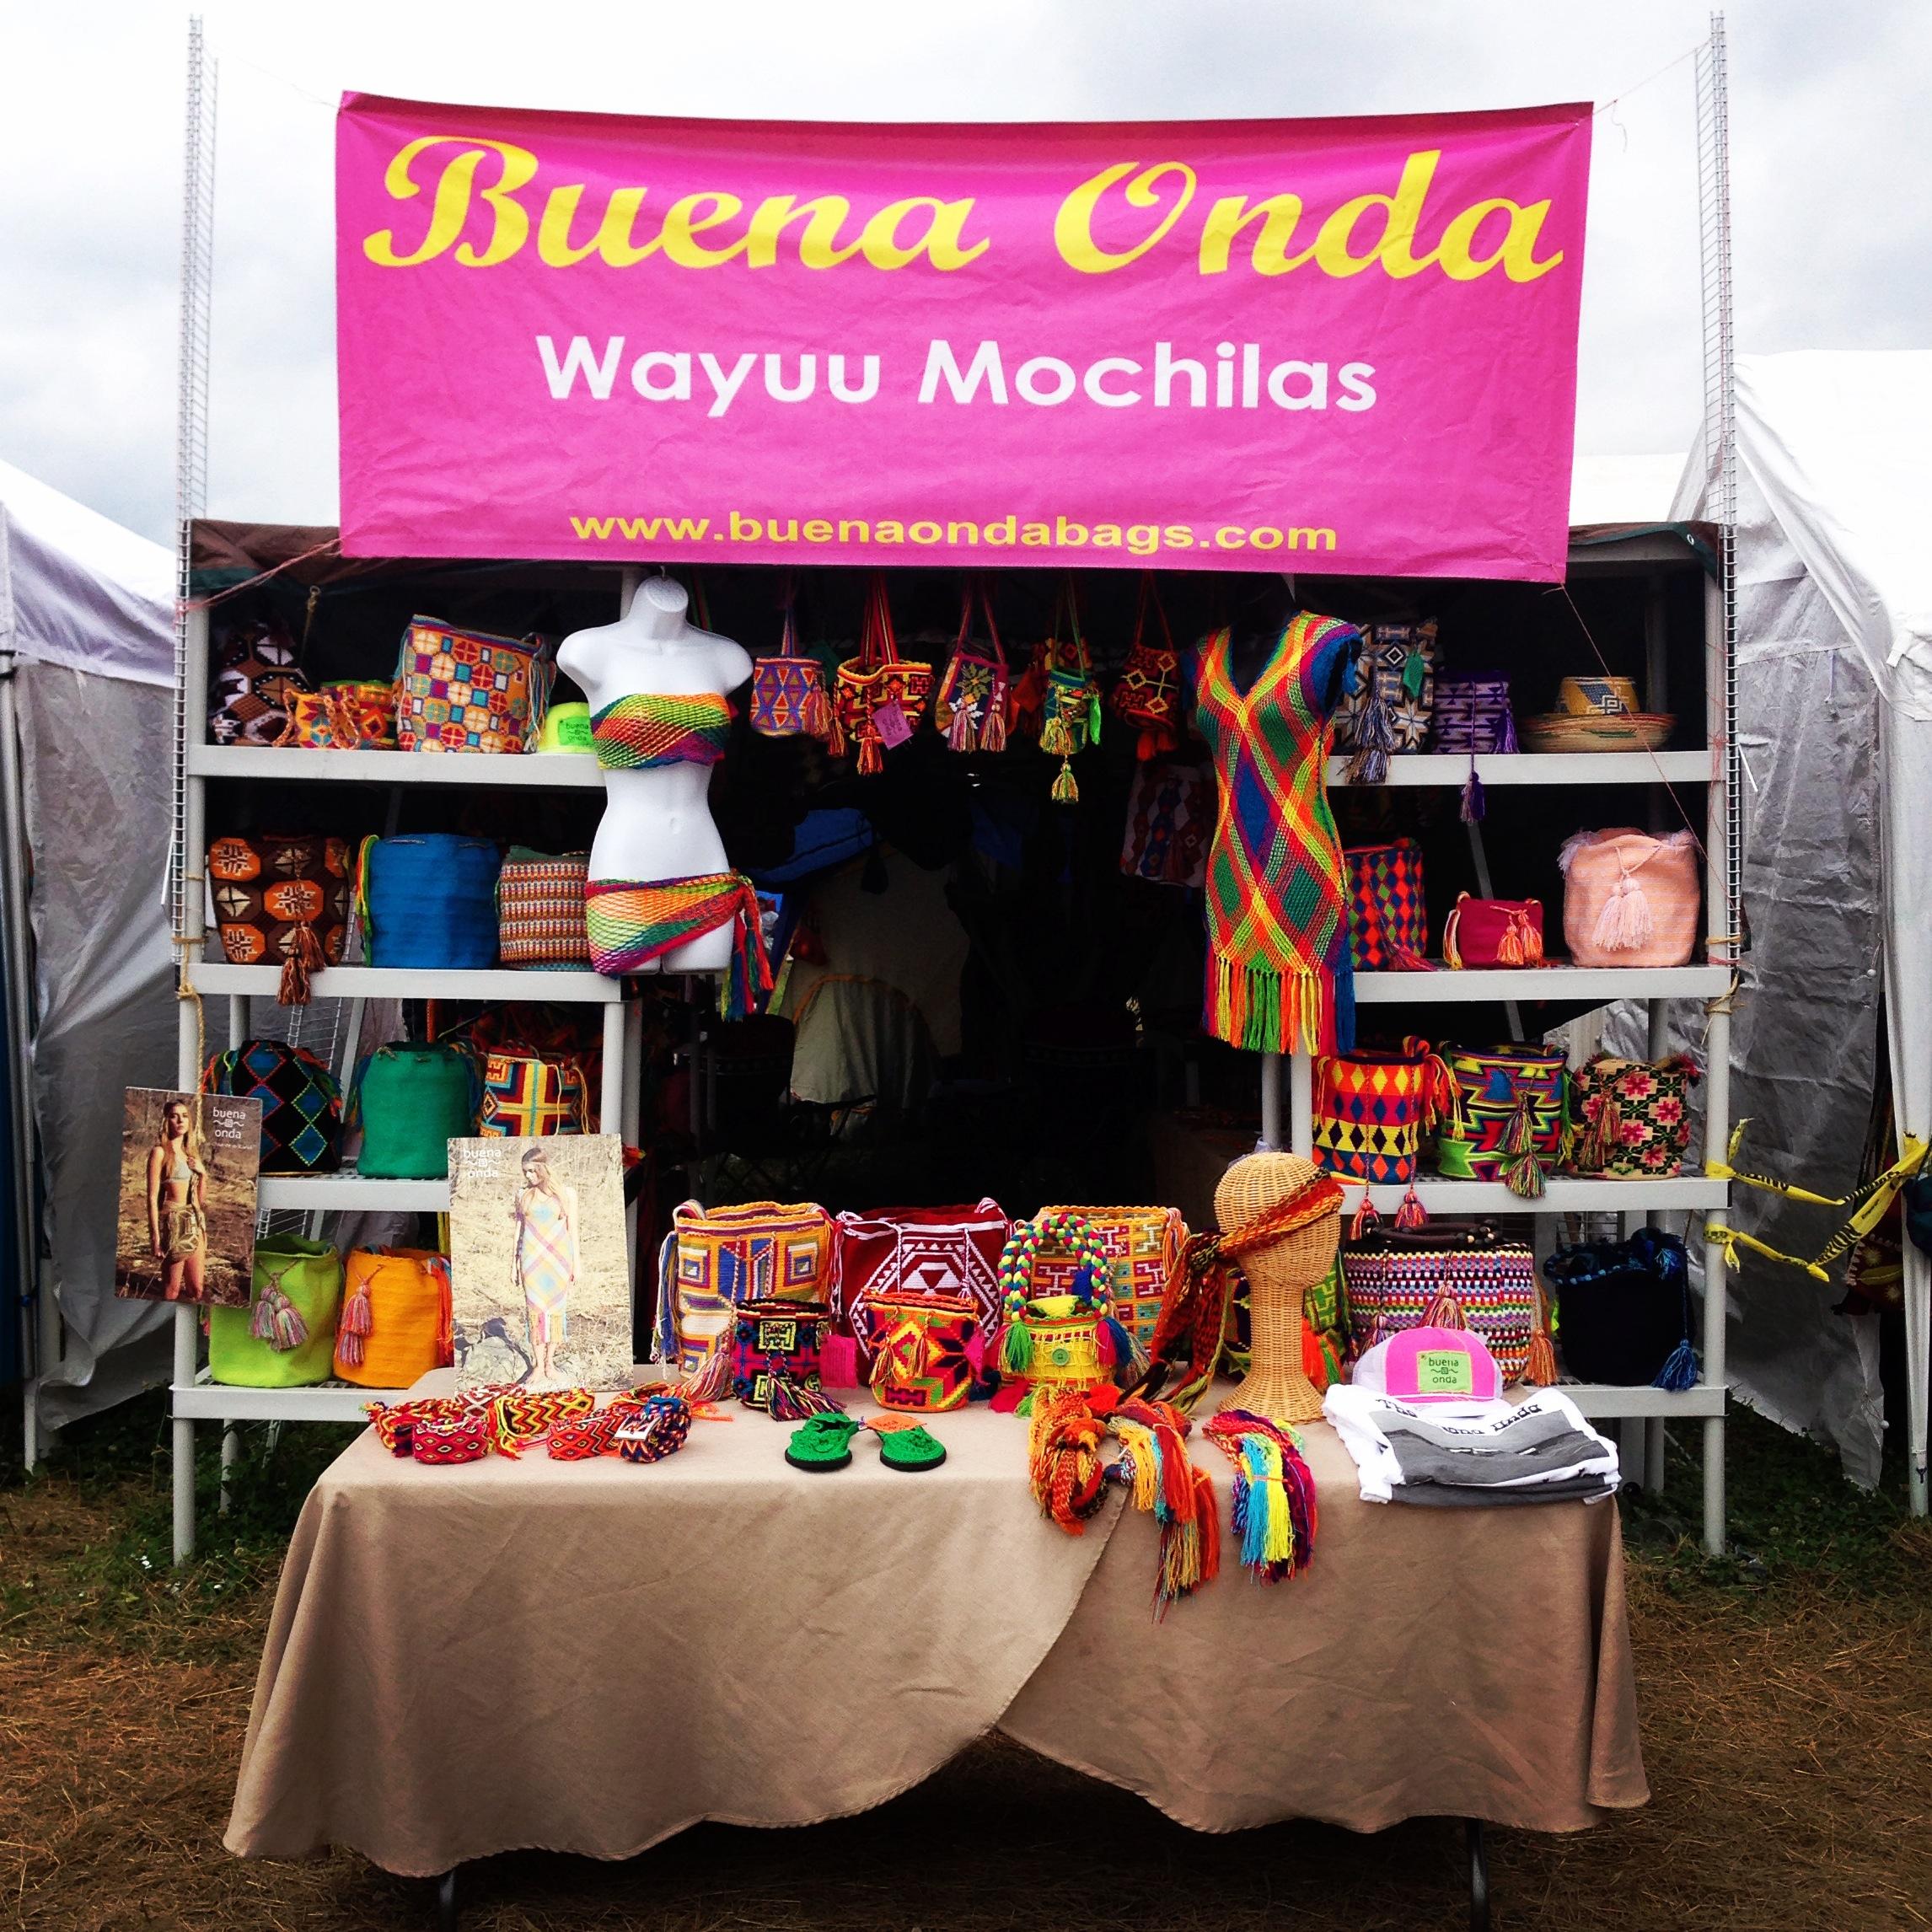 The Buena Onda Bonnaroo Set Up